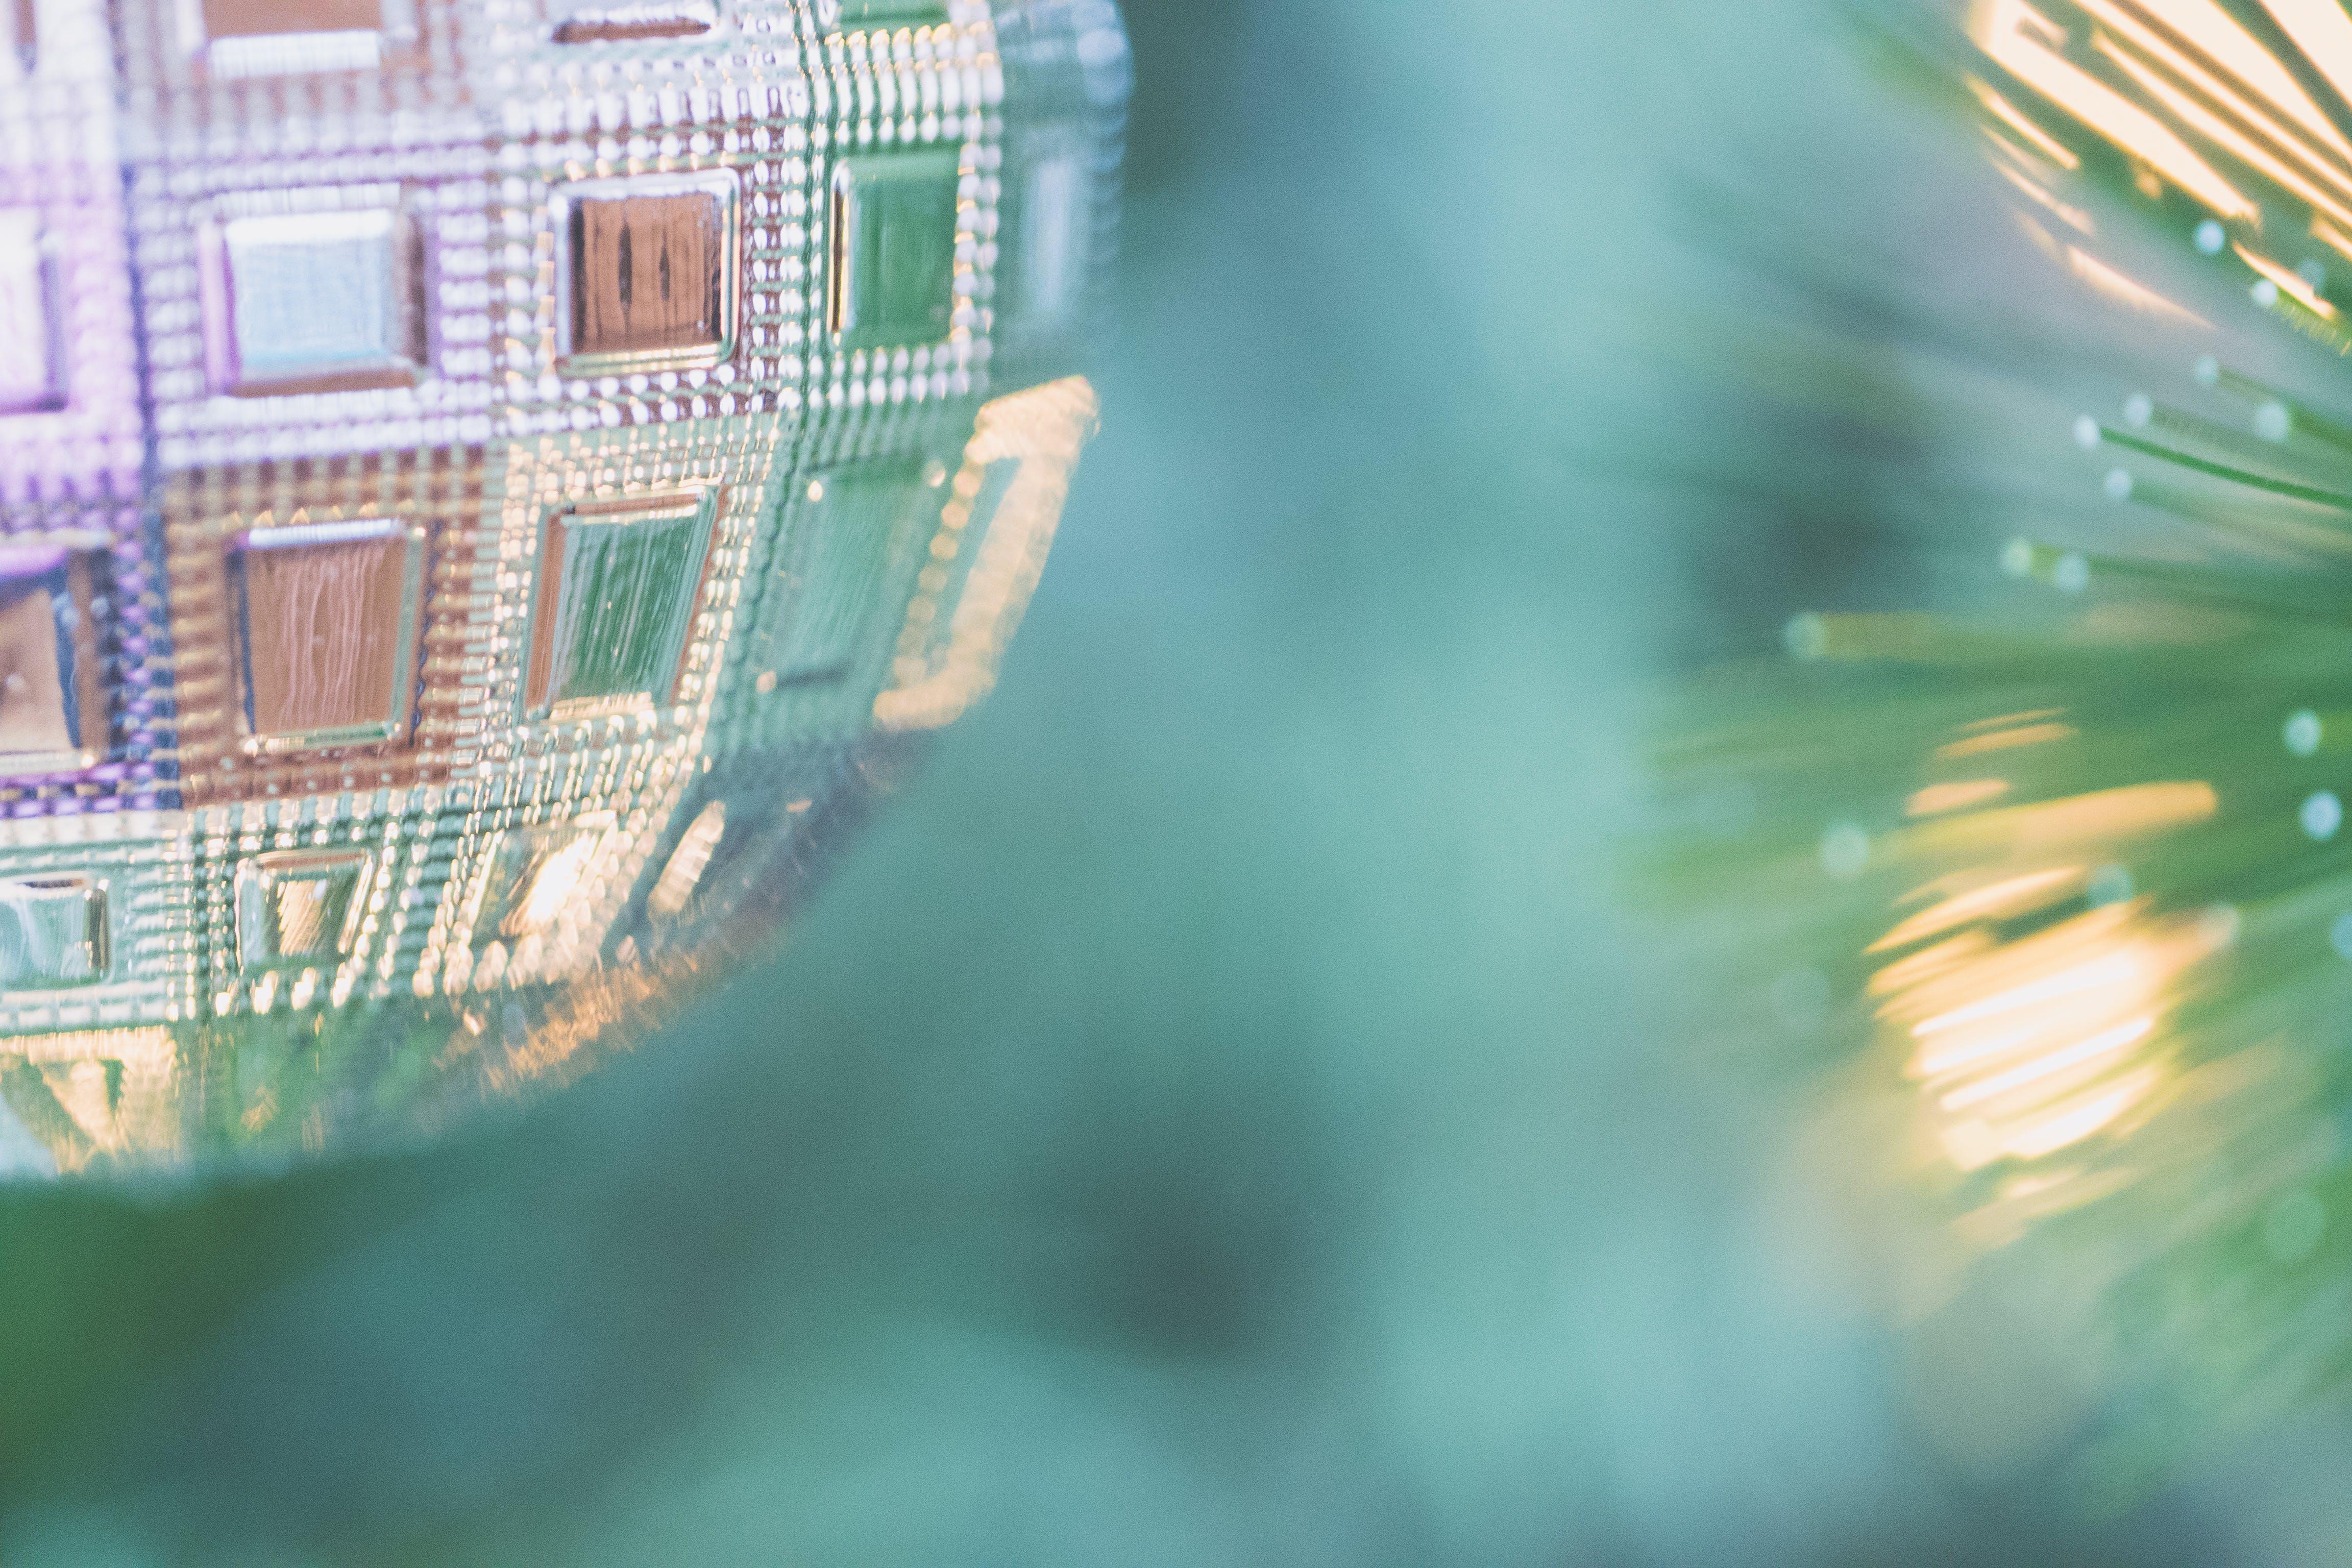 Kostenloses Stock Foto zu beleuchtung, farben, fokus, hell